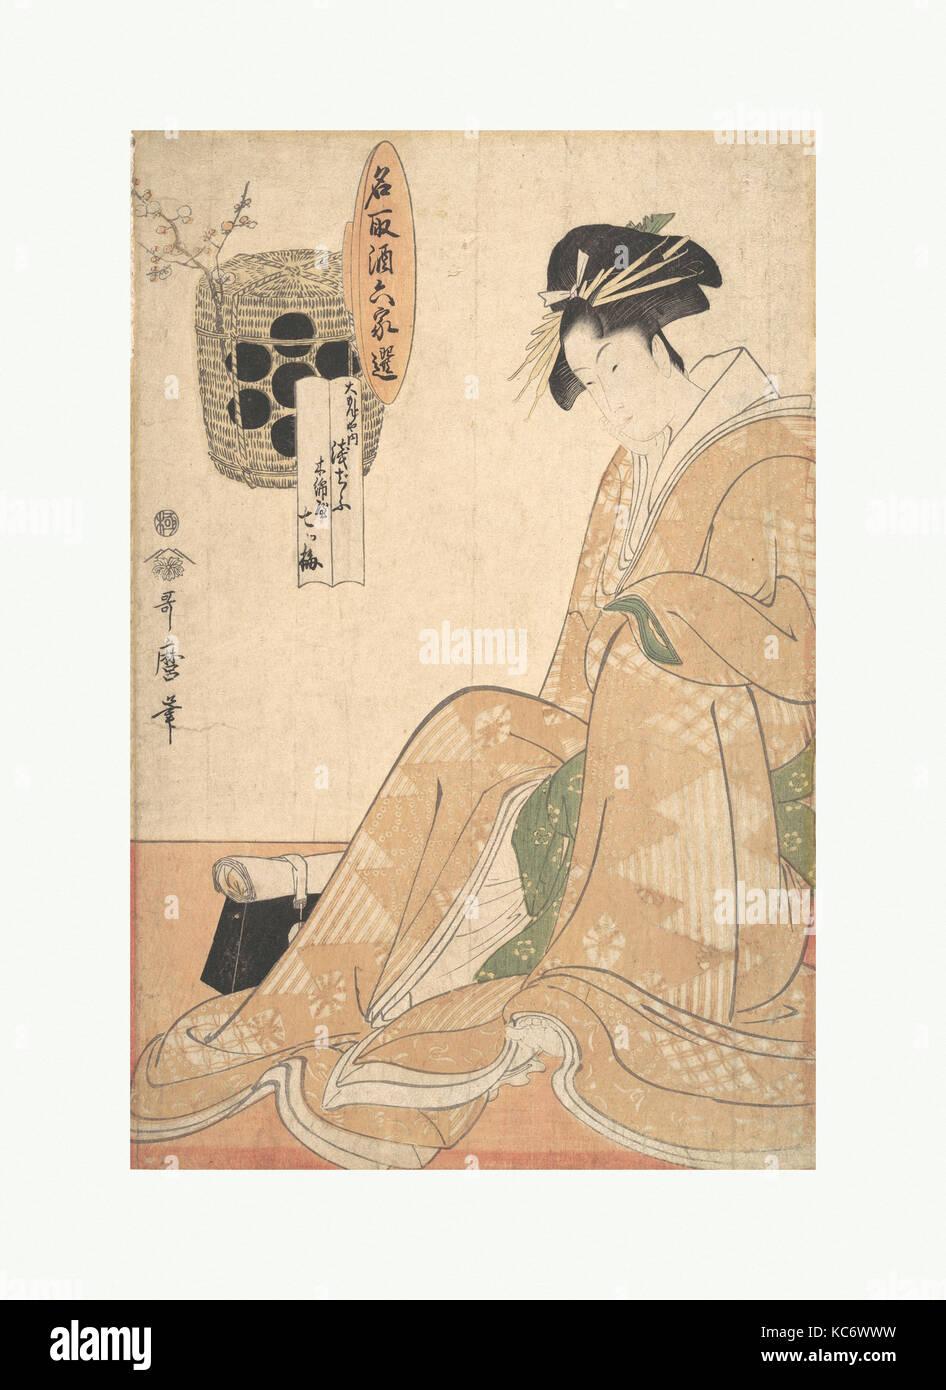 Yumi adachi a courtesan with flowered skin 10